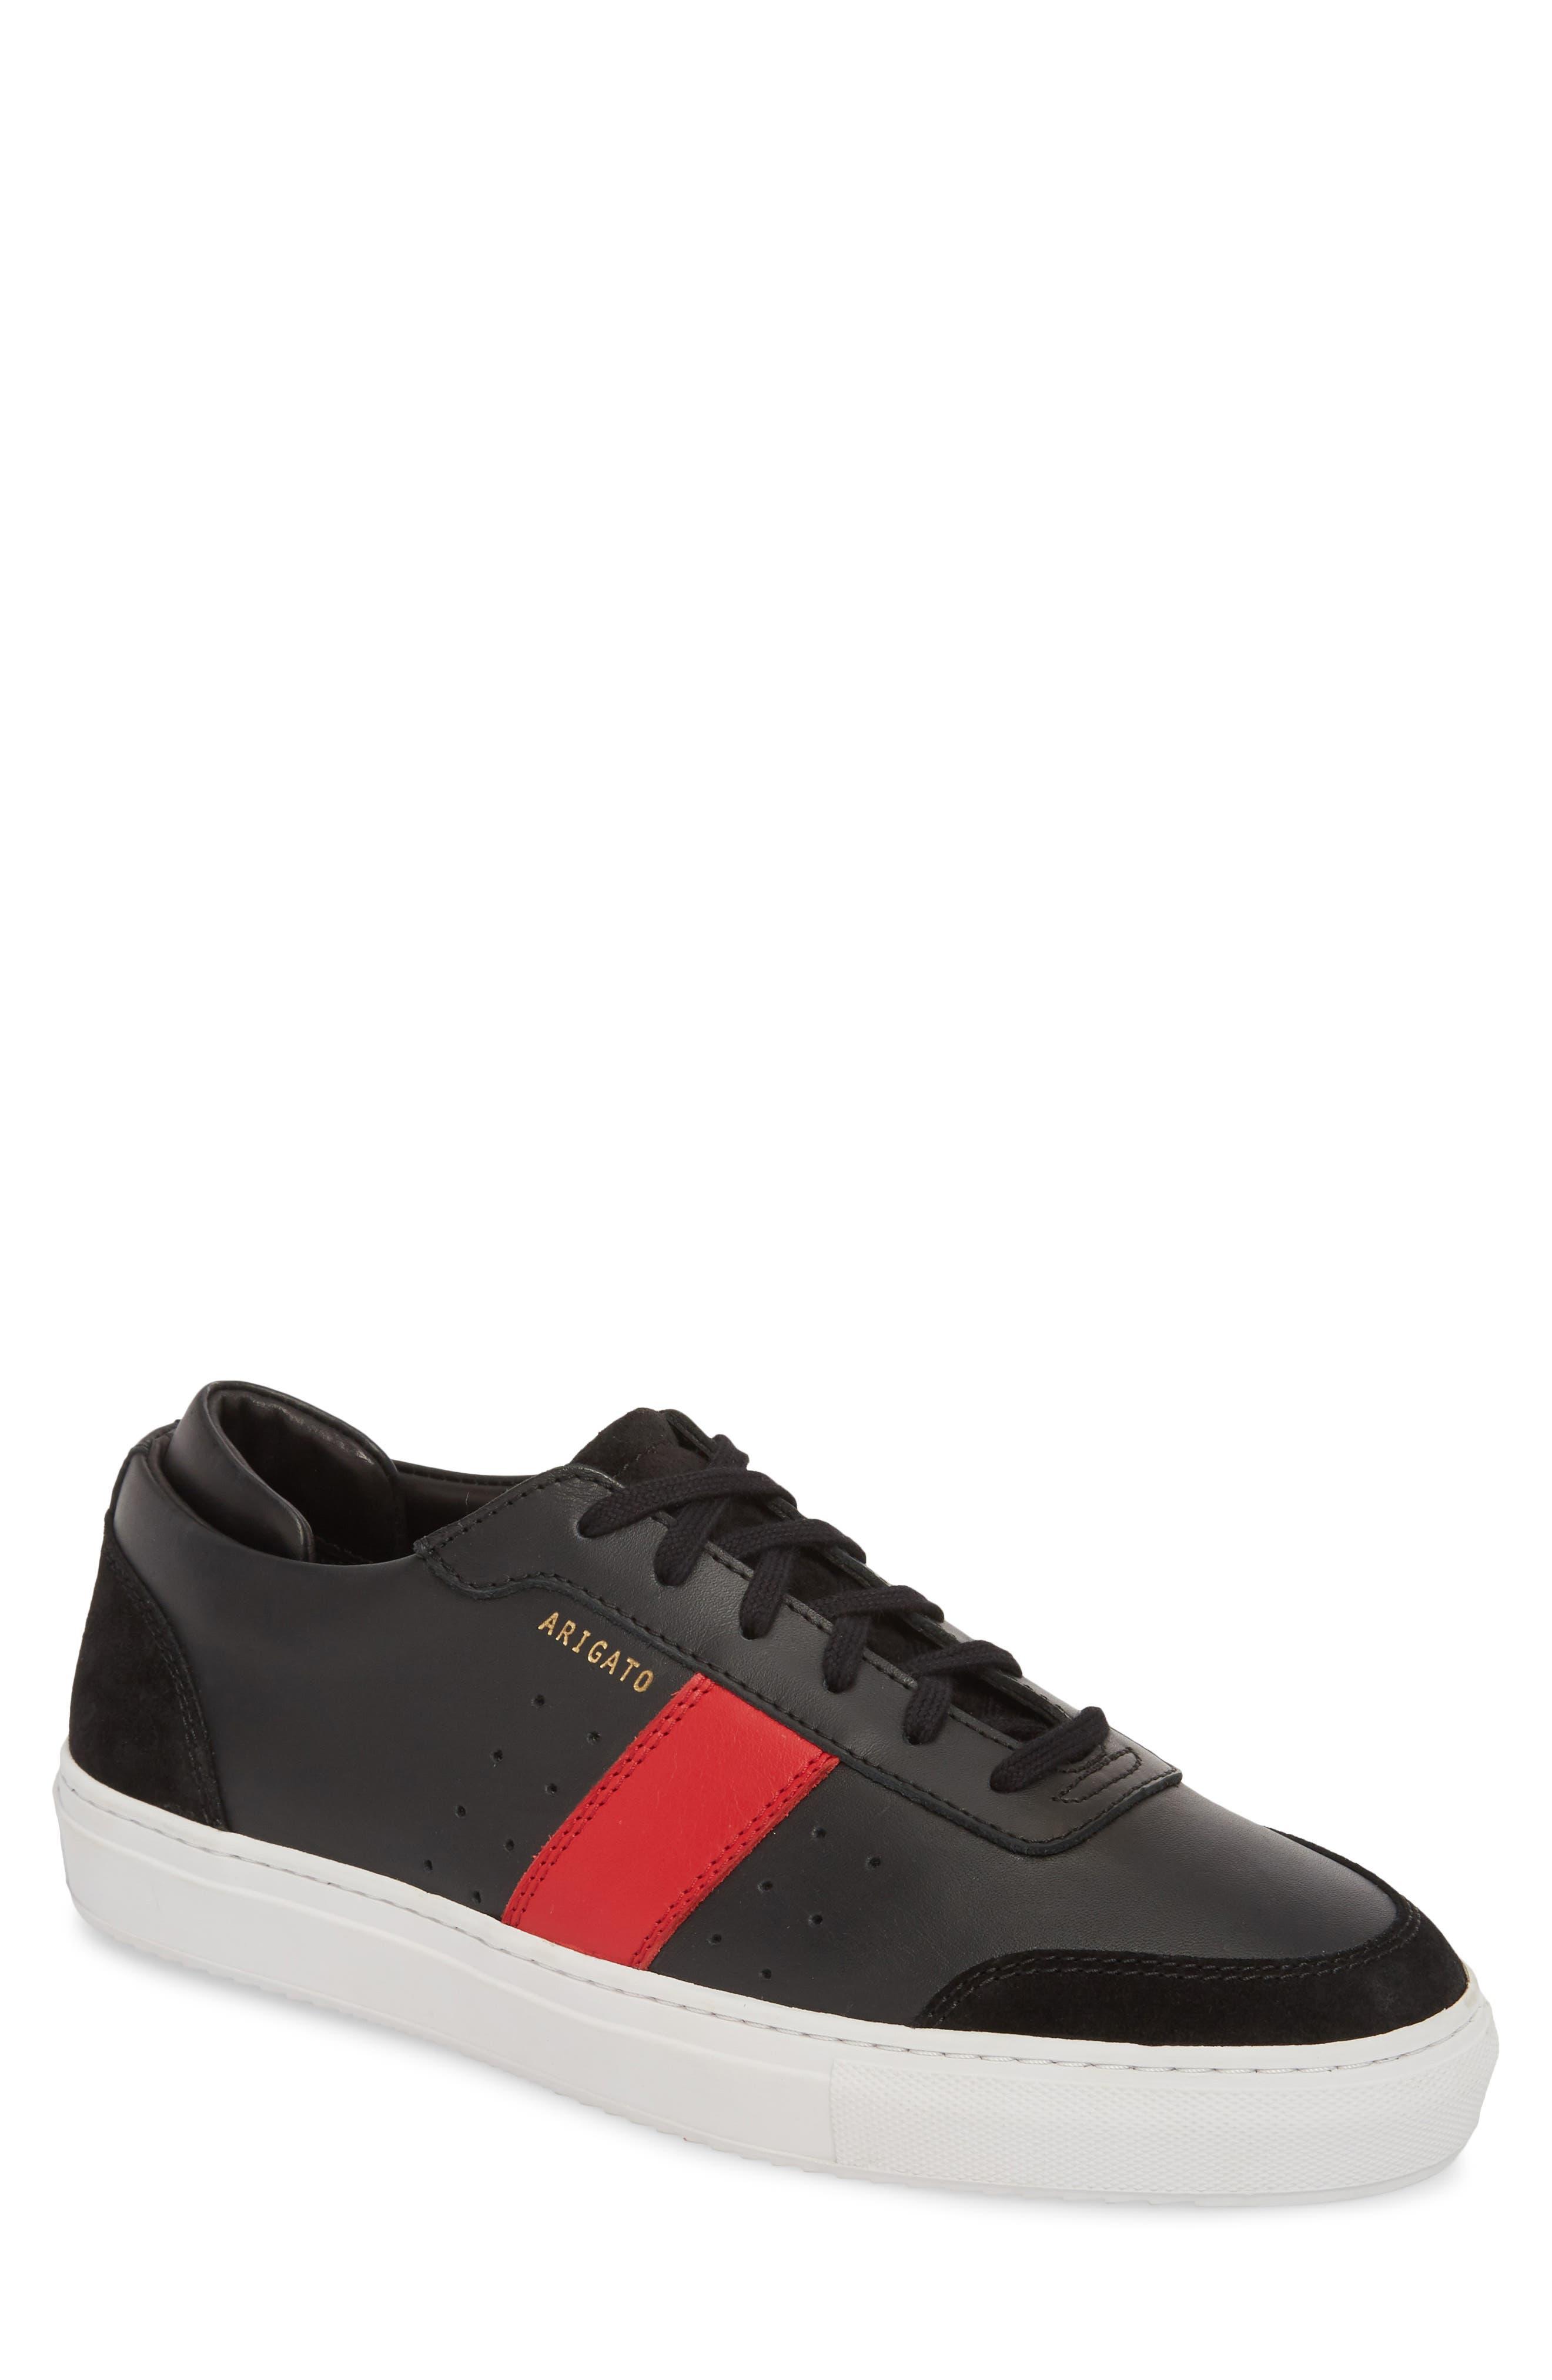 Dunk Sneaker,                             Main thumbnail 1, color,                             BLACK/ BLACK